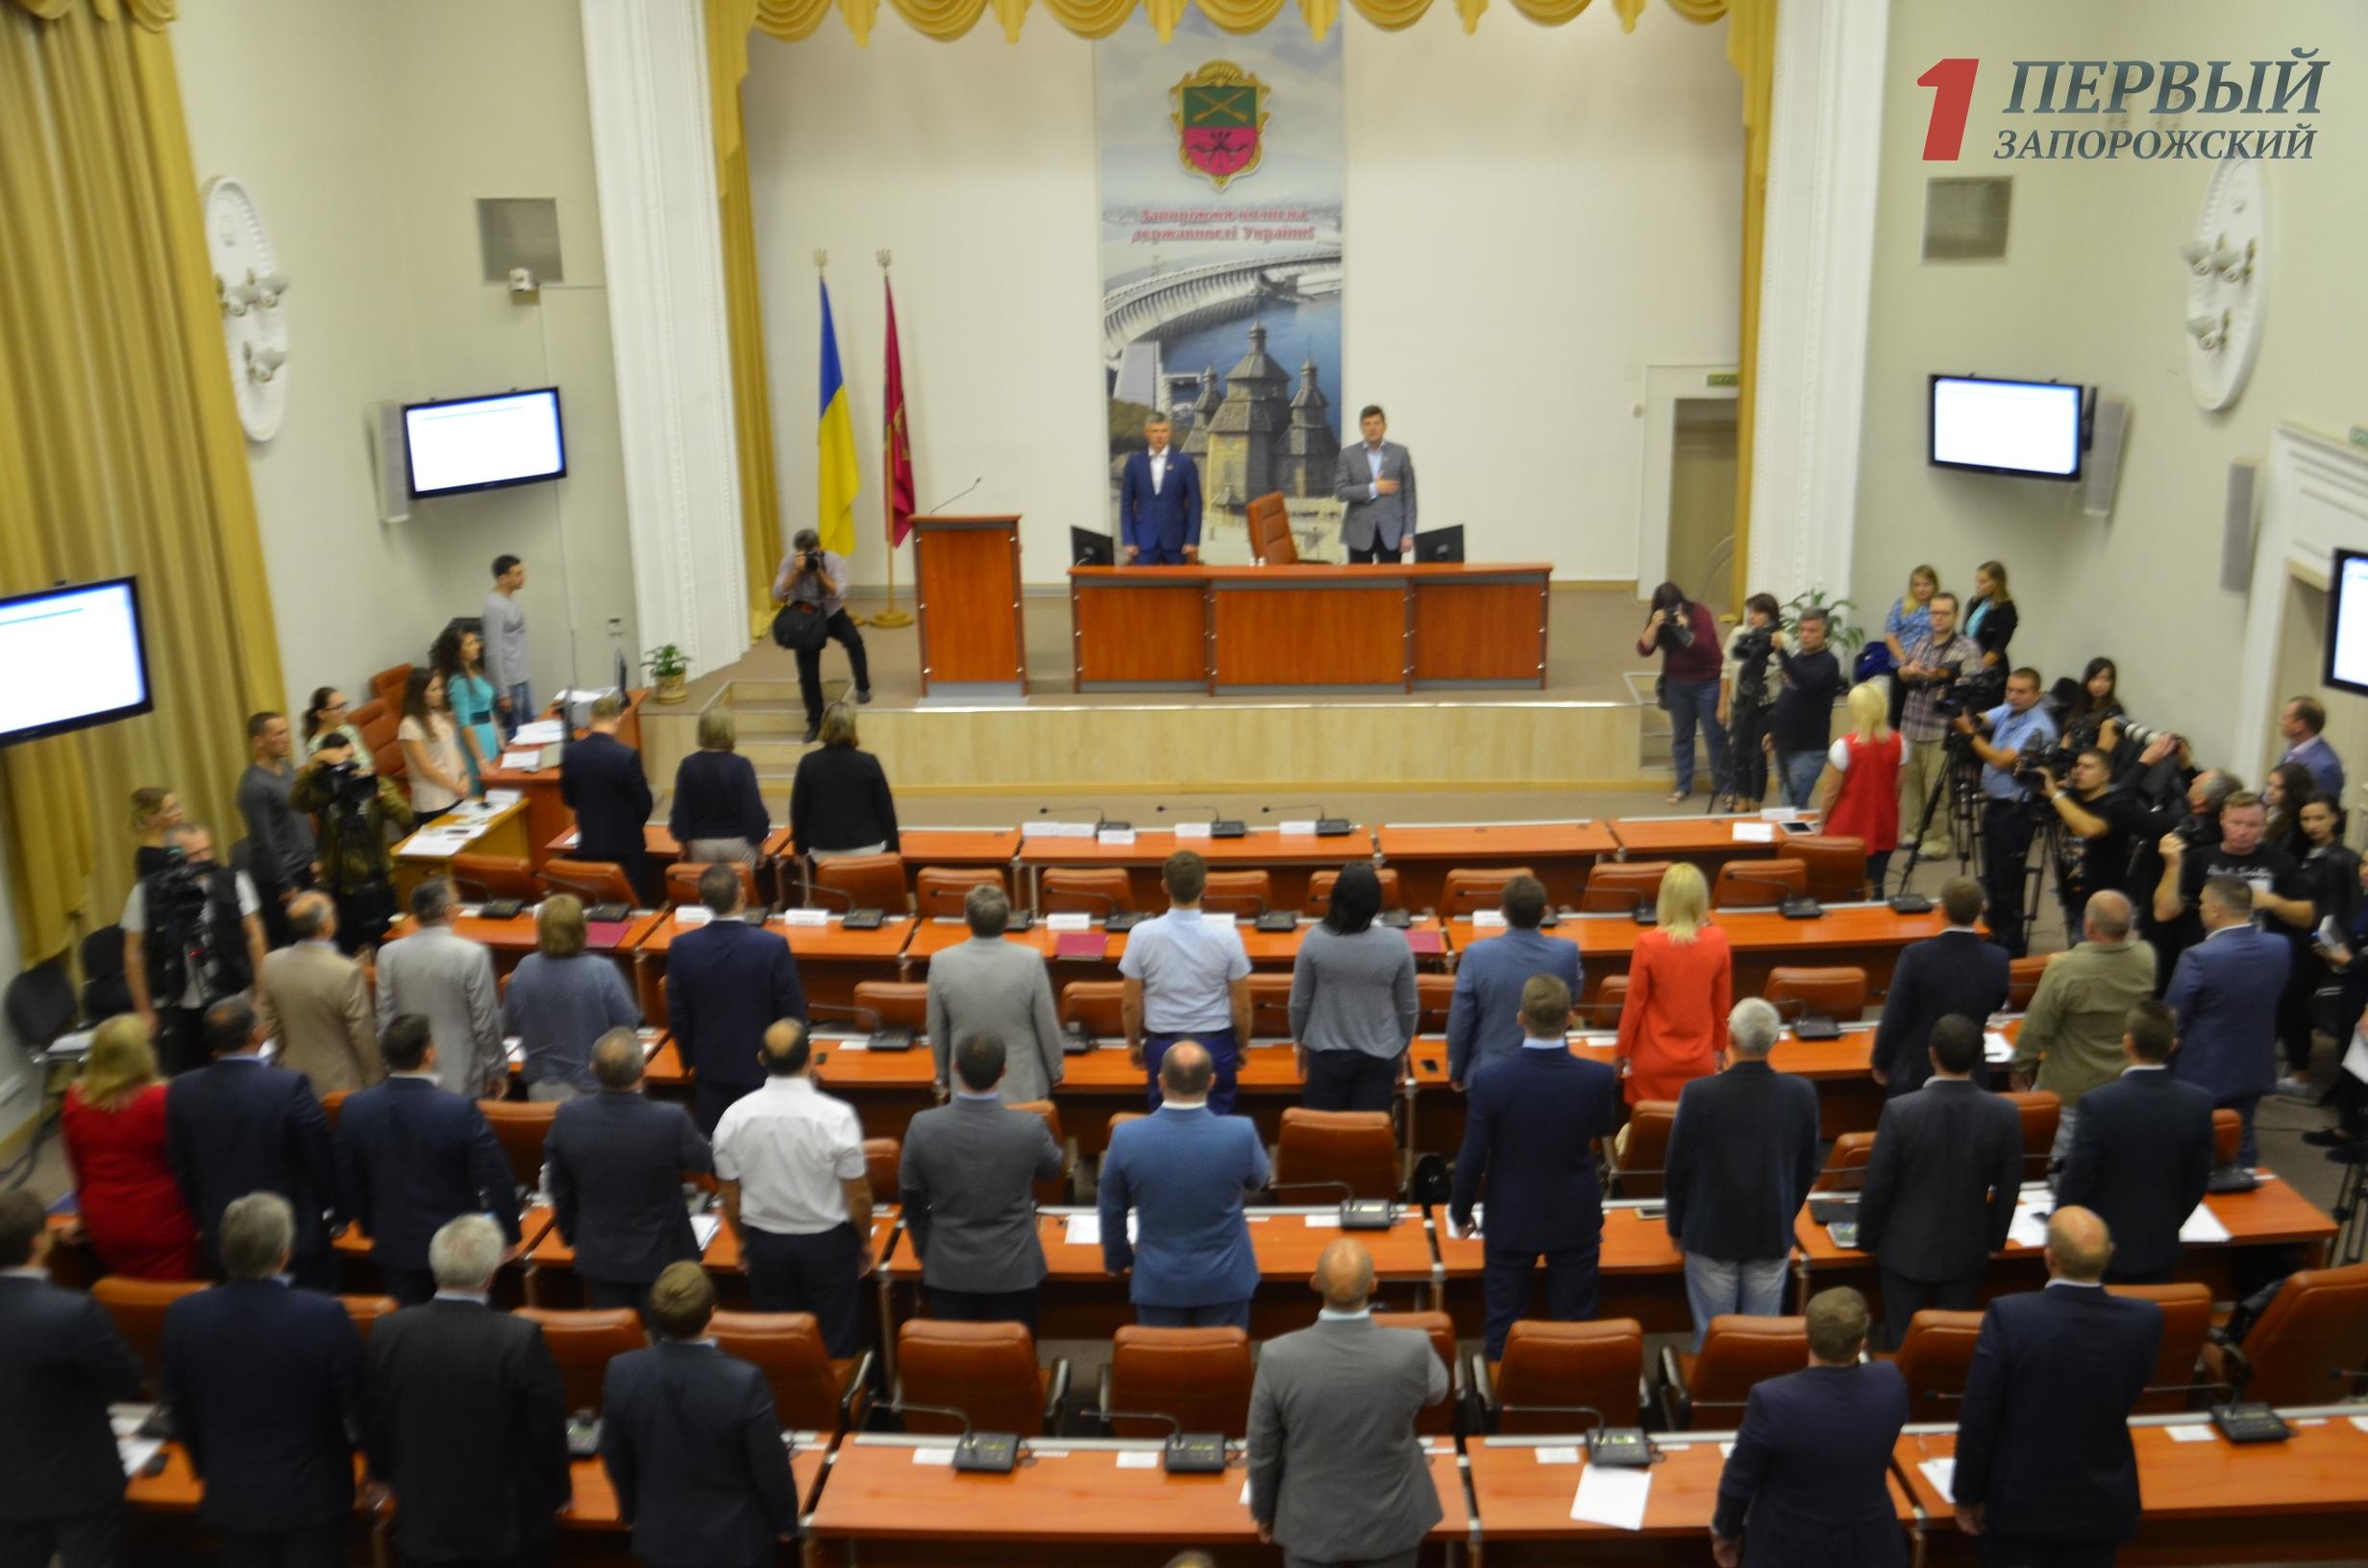 Владимир Буряк созывает депутатов на последнюю сессию этого года: какие вопросы будет рассматривать местная власть